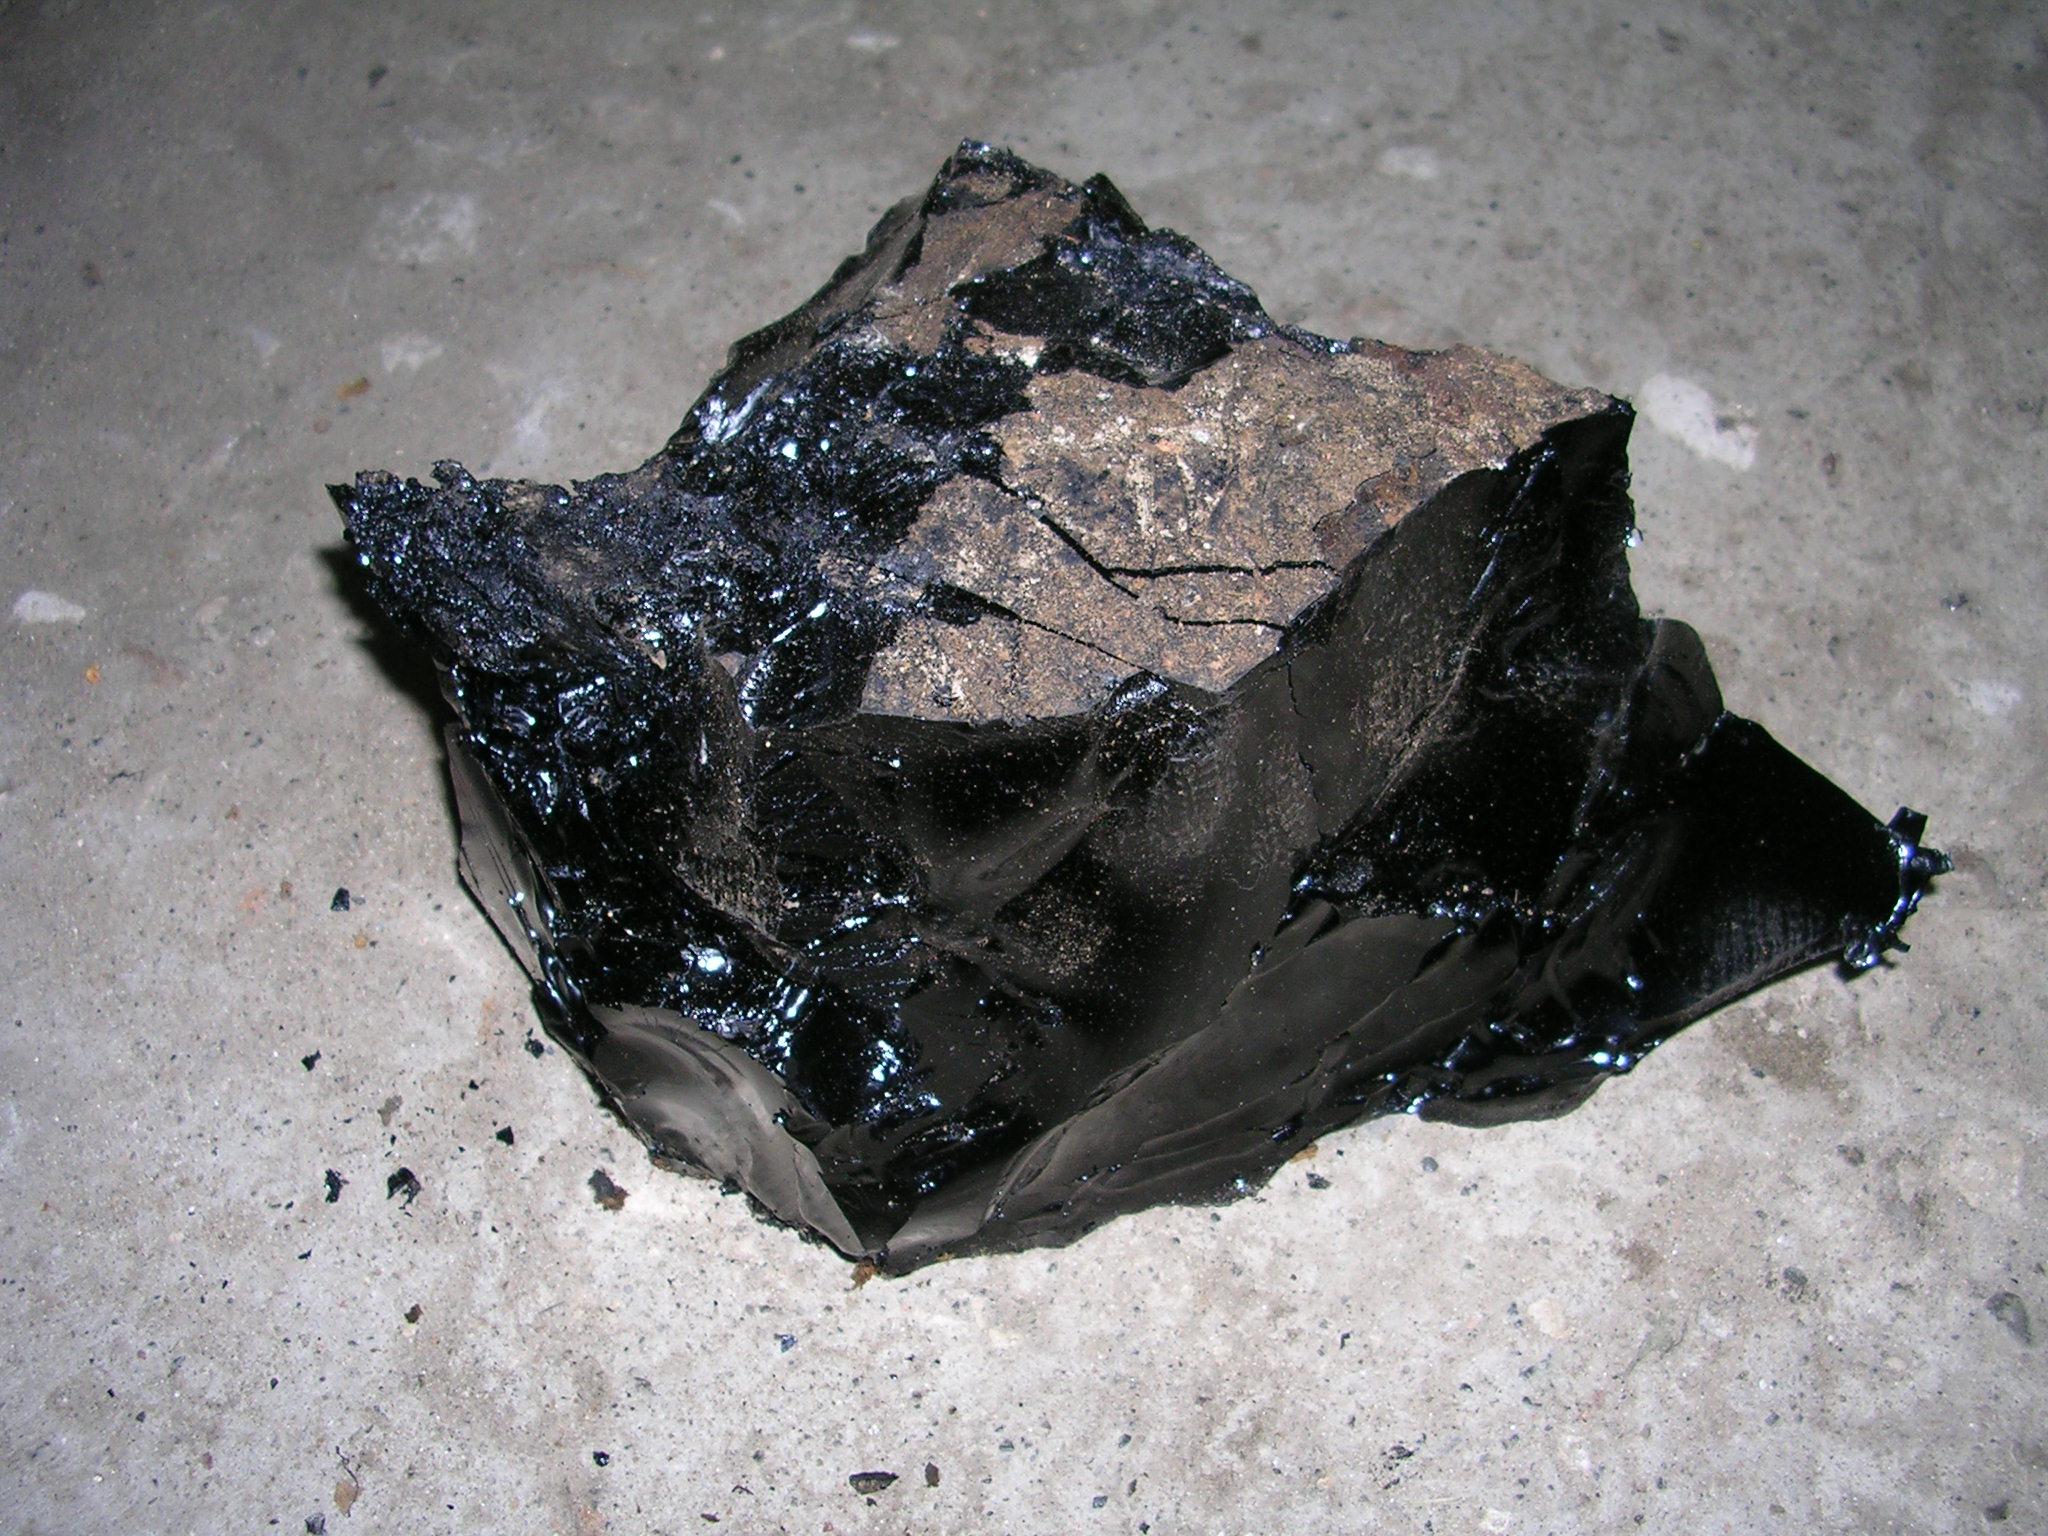 Refined asphalt/bitumen image